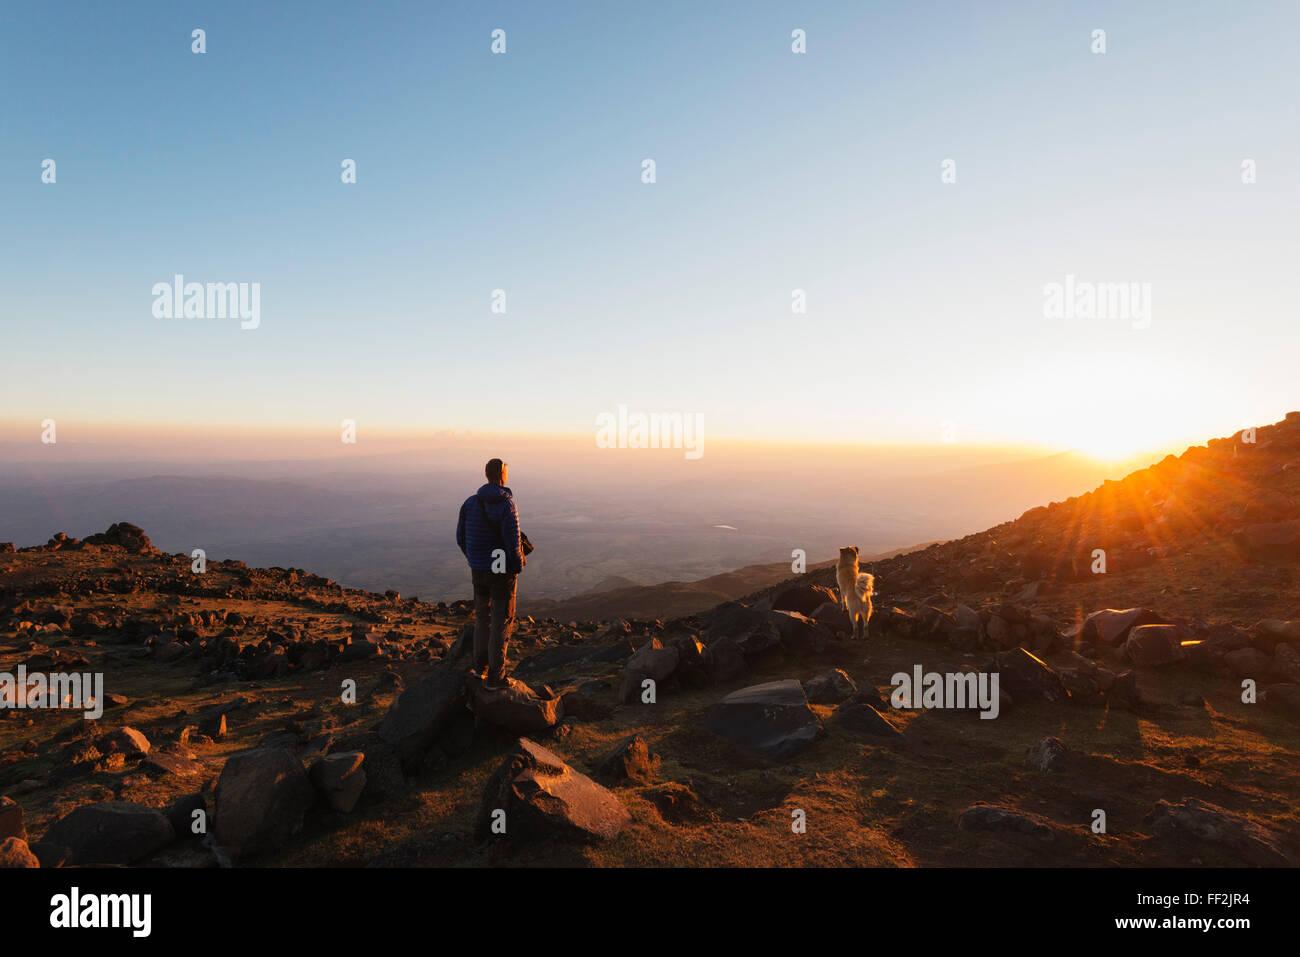 CRMimber en el monte Ararat, 5137m, AnatoRMia Dogubayazit, Oriental, Turquía, Asia Menor, Eurasia Foto de stock